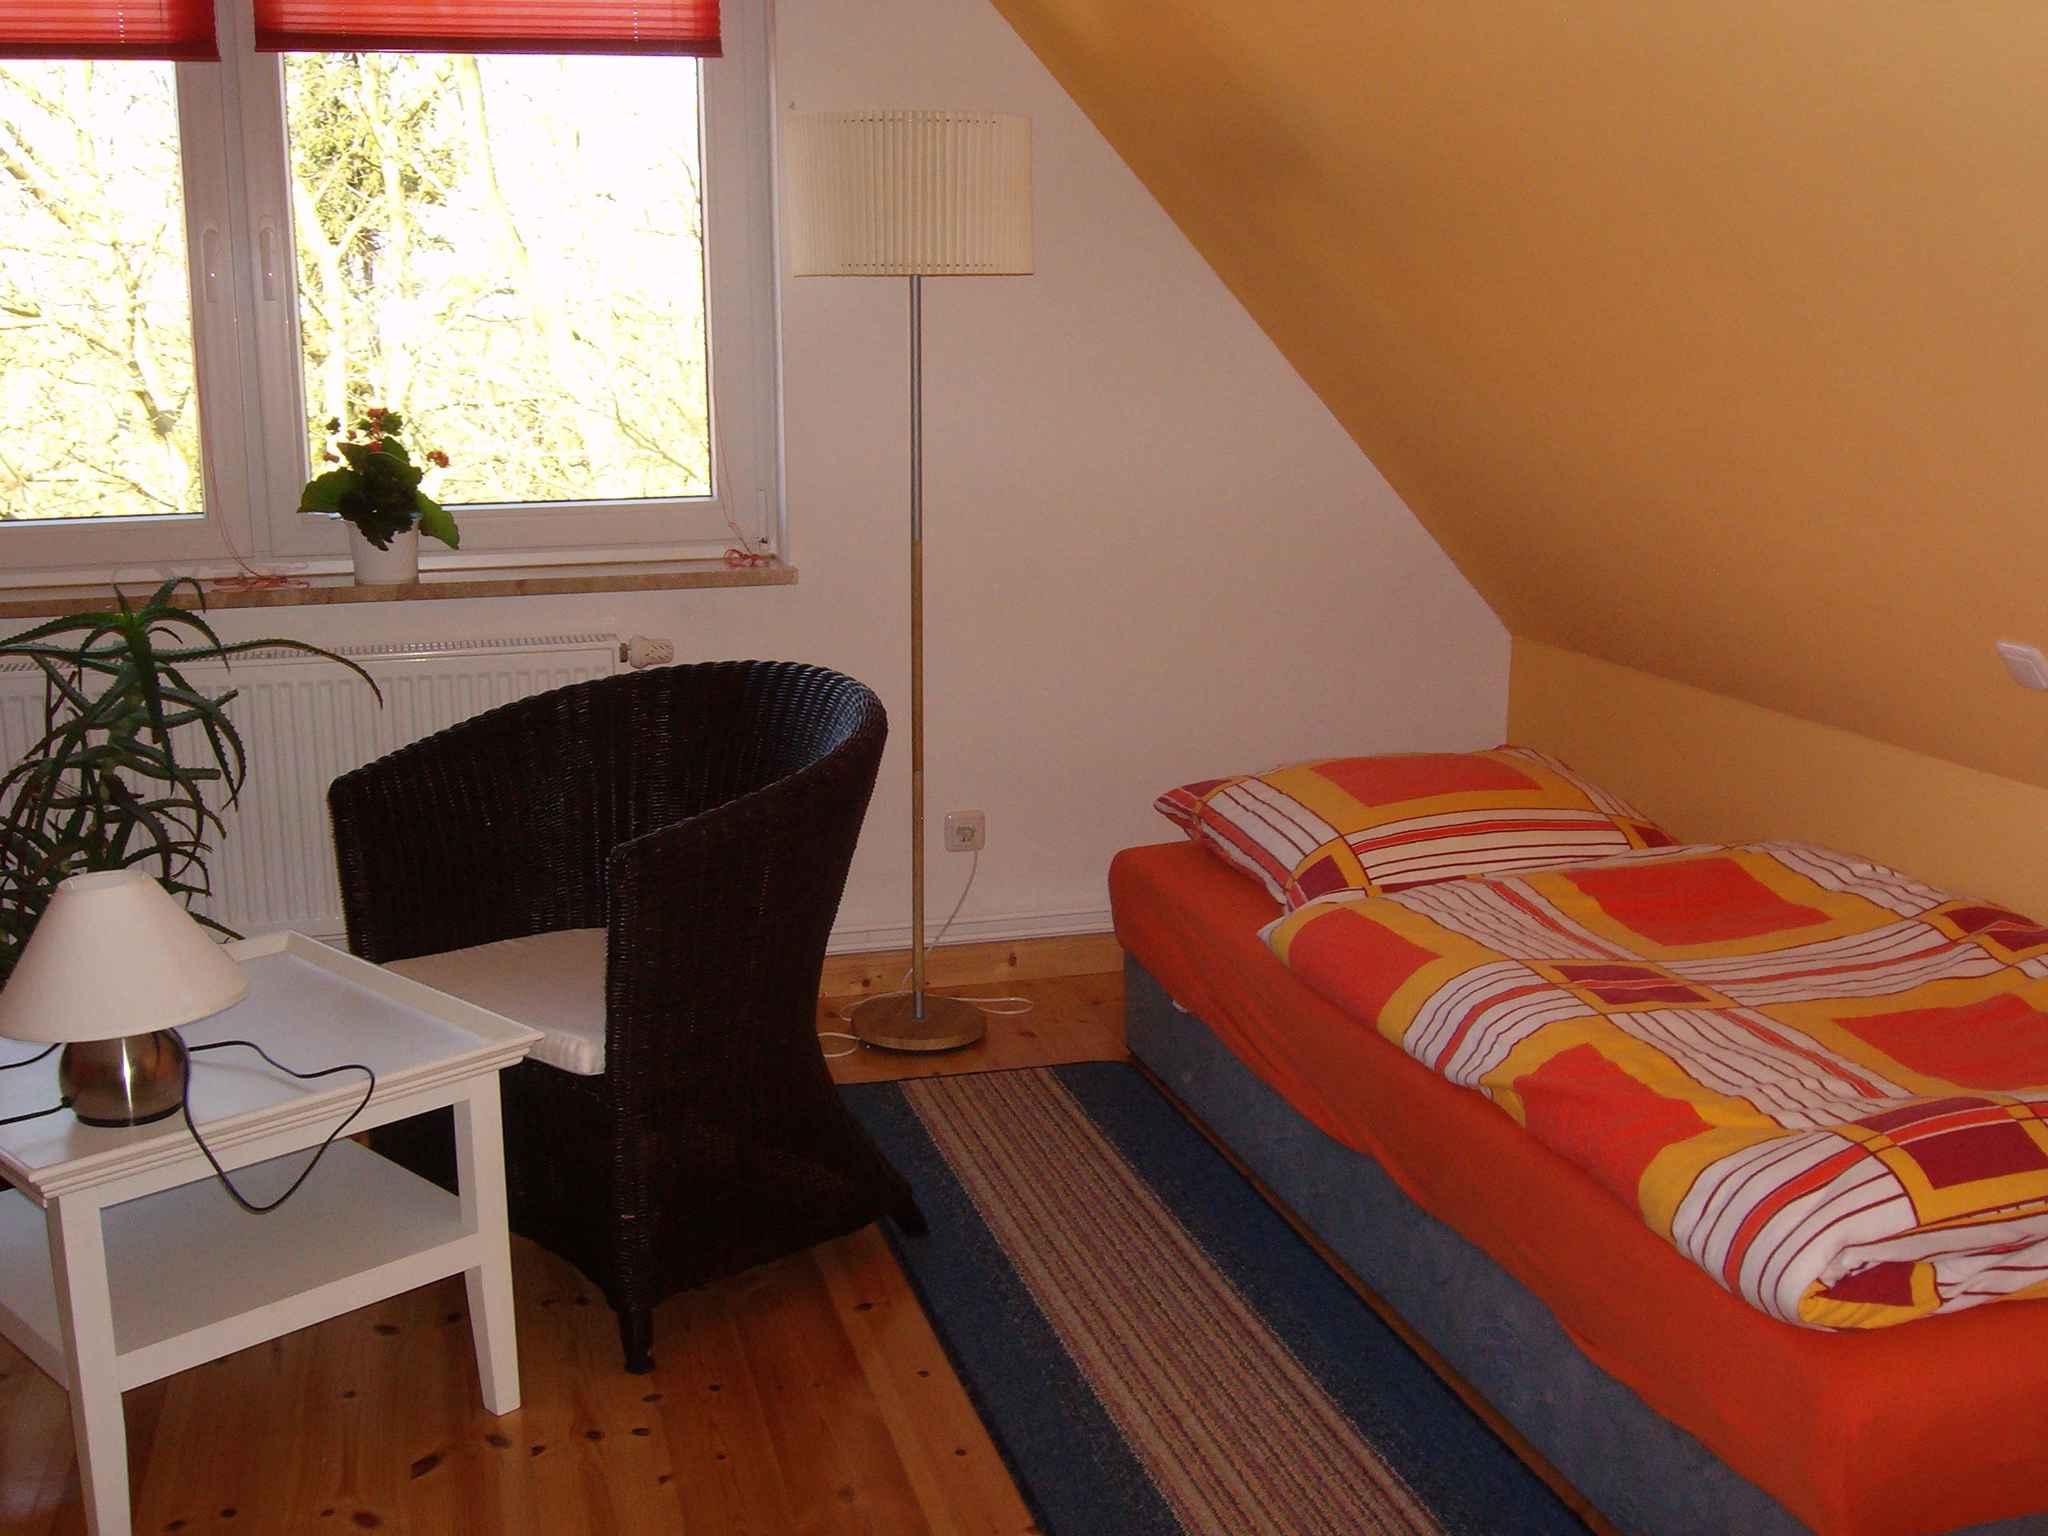 Ferienhaus mit Garten und Terrasse, 800 m zum Strand (314511), Gustow, Rügen, Mecklenburg-Vorpommern, Deutschland, Bild 13